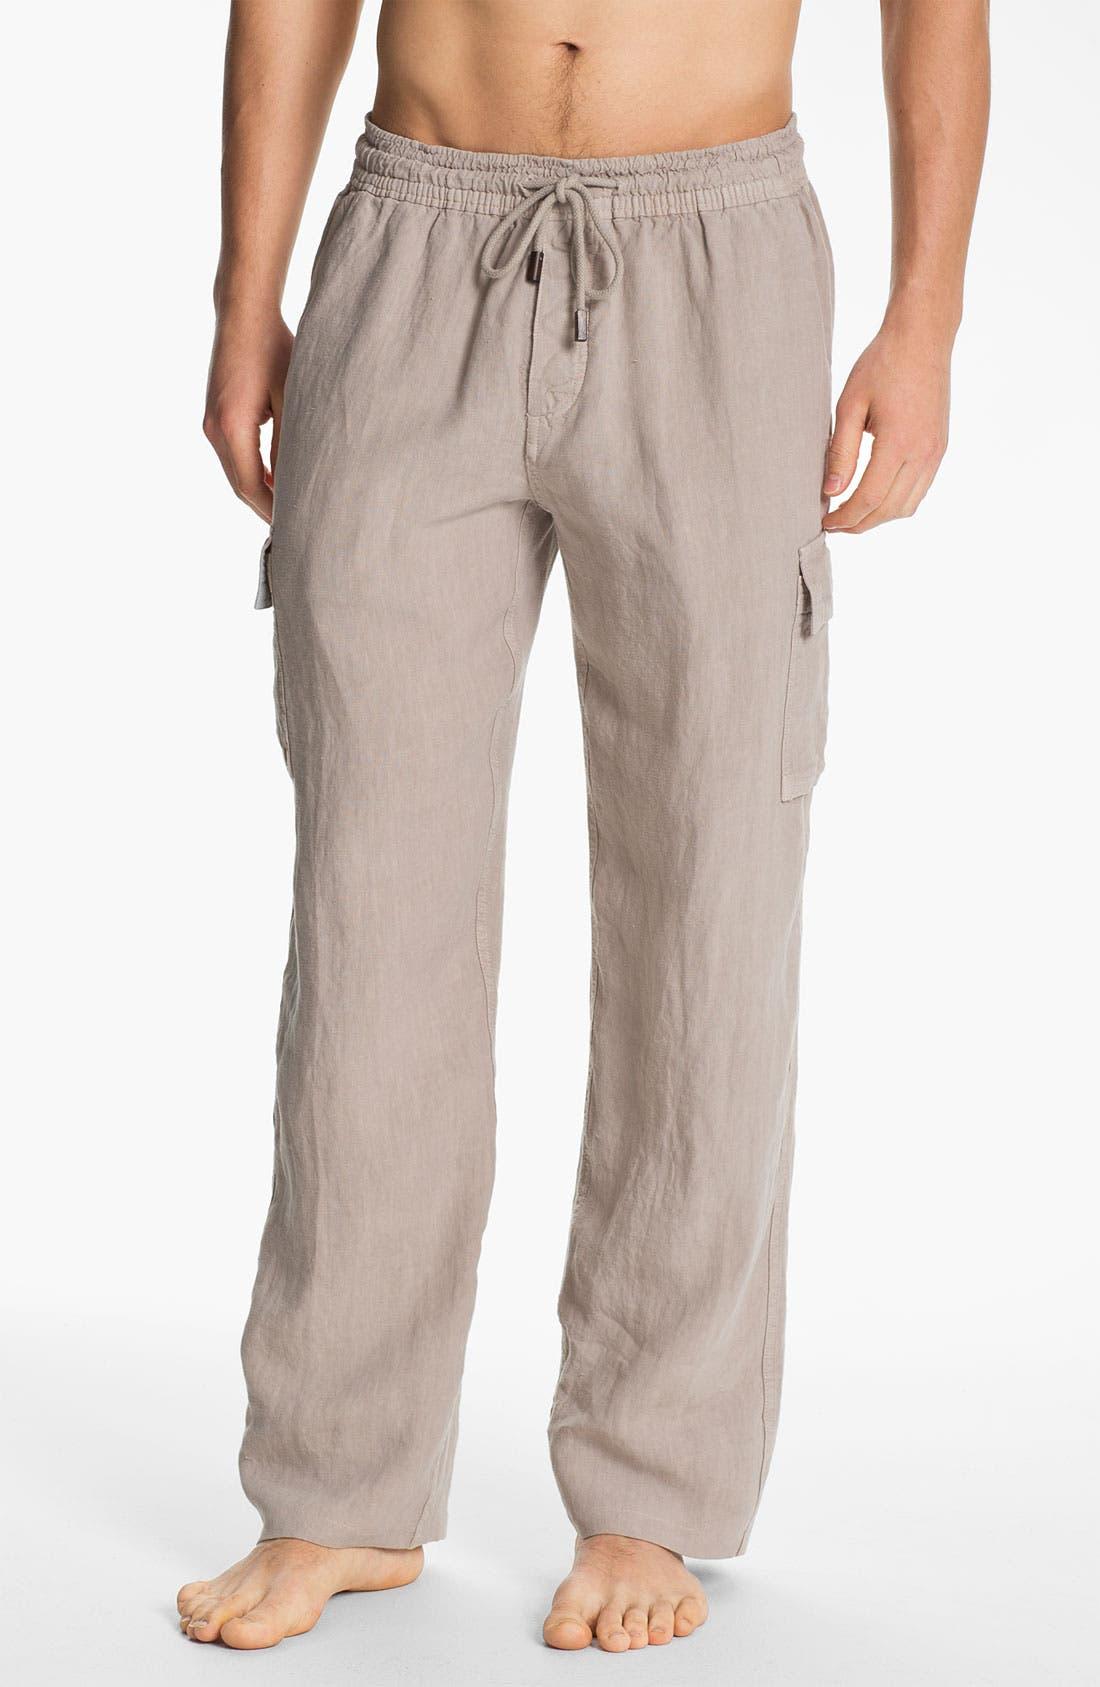 Main Image - Vilebrequin 'Ponant' Linen Cargo Pants